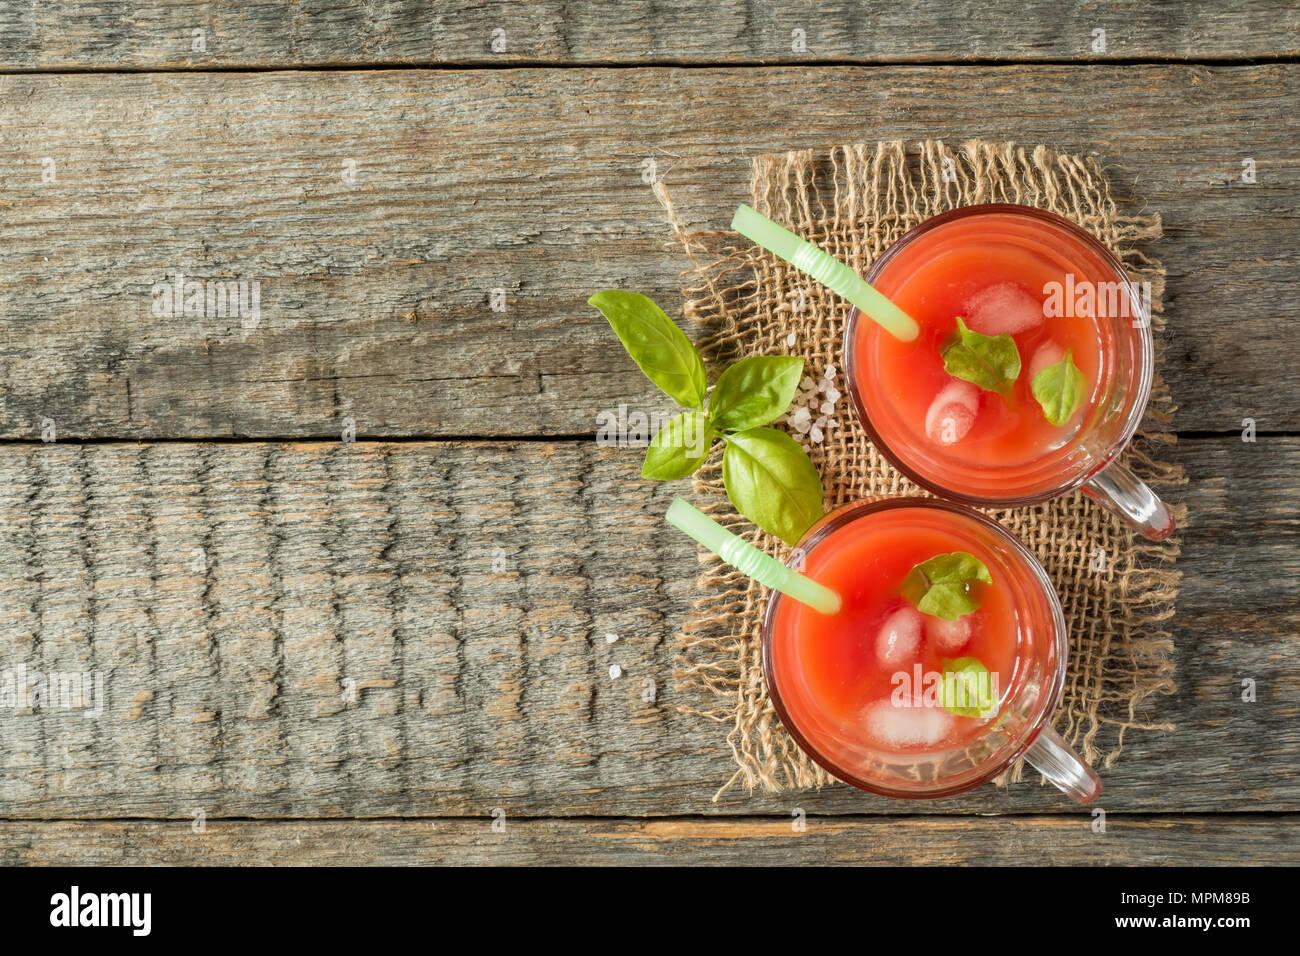 Cóctel rojo con jugo de tomate, albahaca y sal, el enfoque selectivo. Imagen De Stock